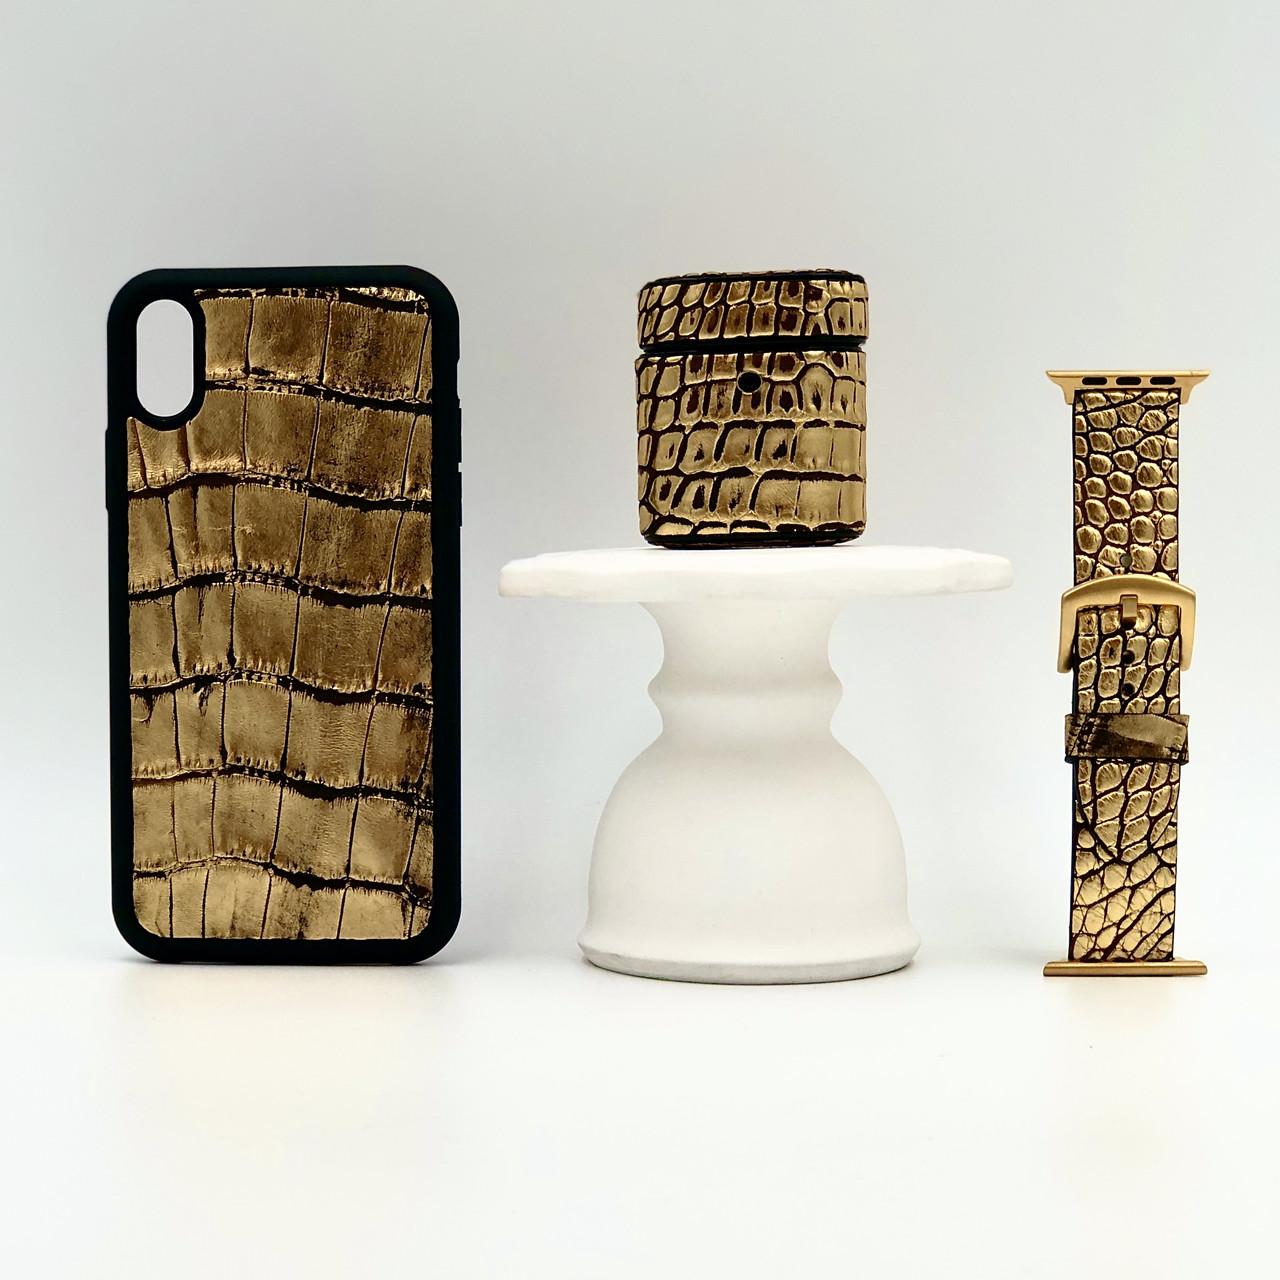 Набор из чехла для iPhone, чехла для AirPods и ремешка для Apple Watch золотого цвета из кожи Крокодила